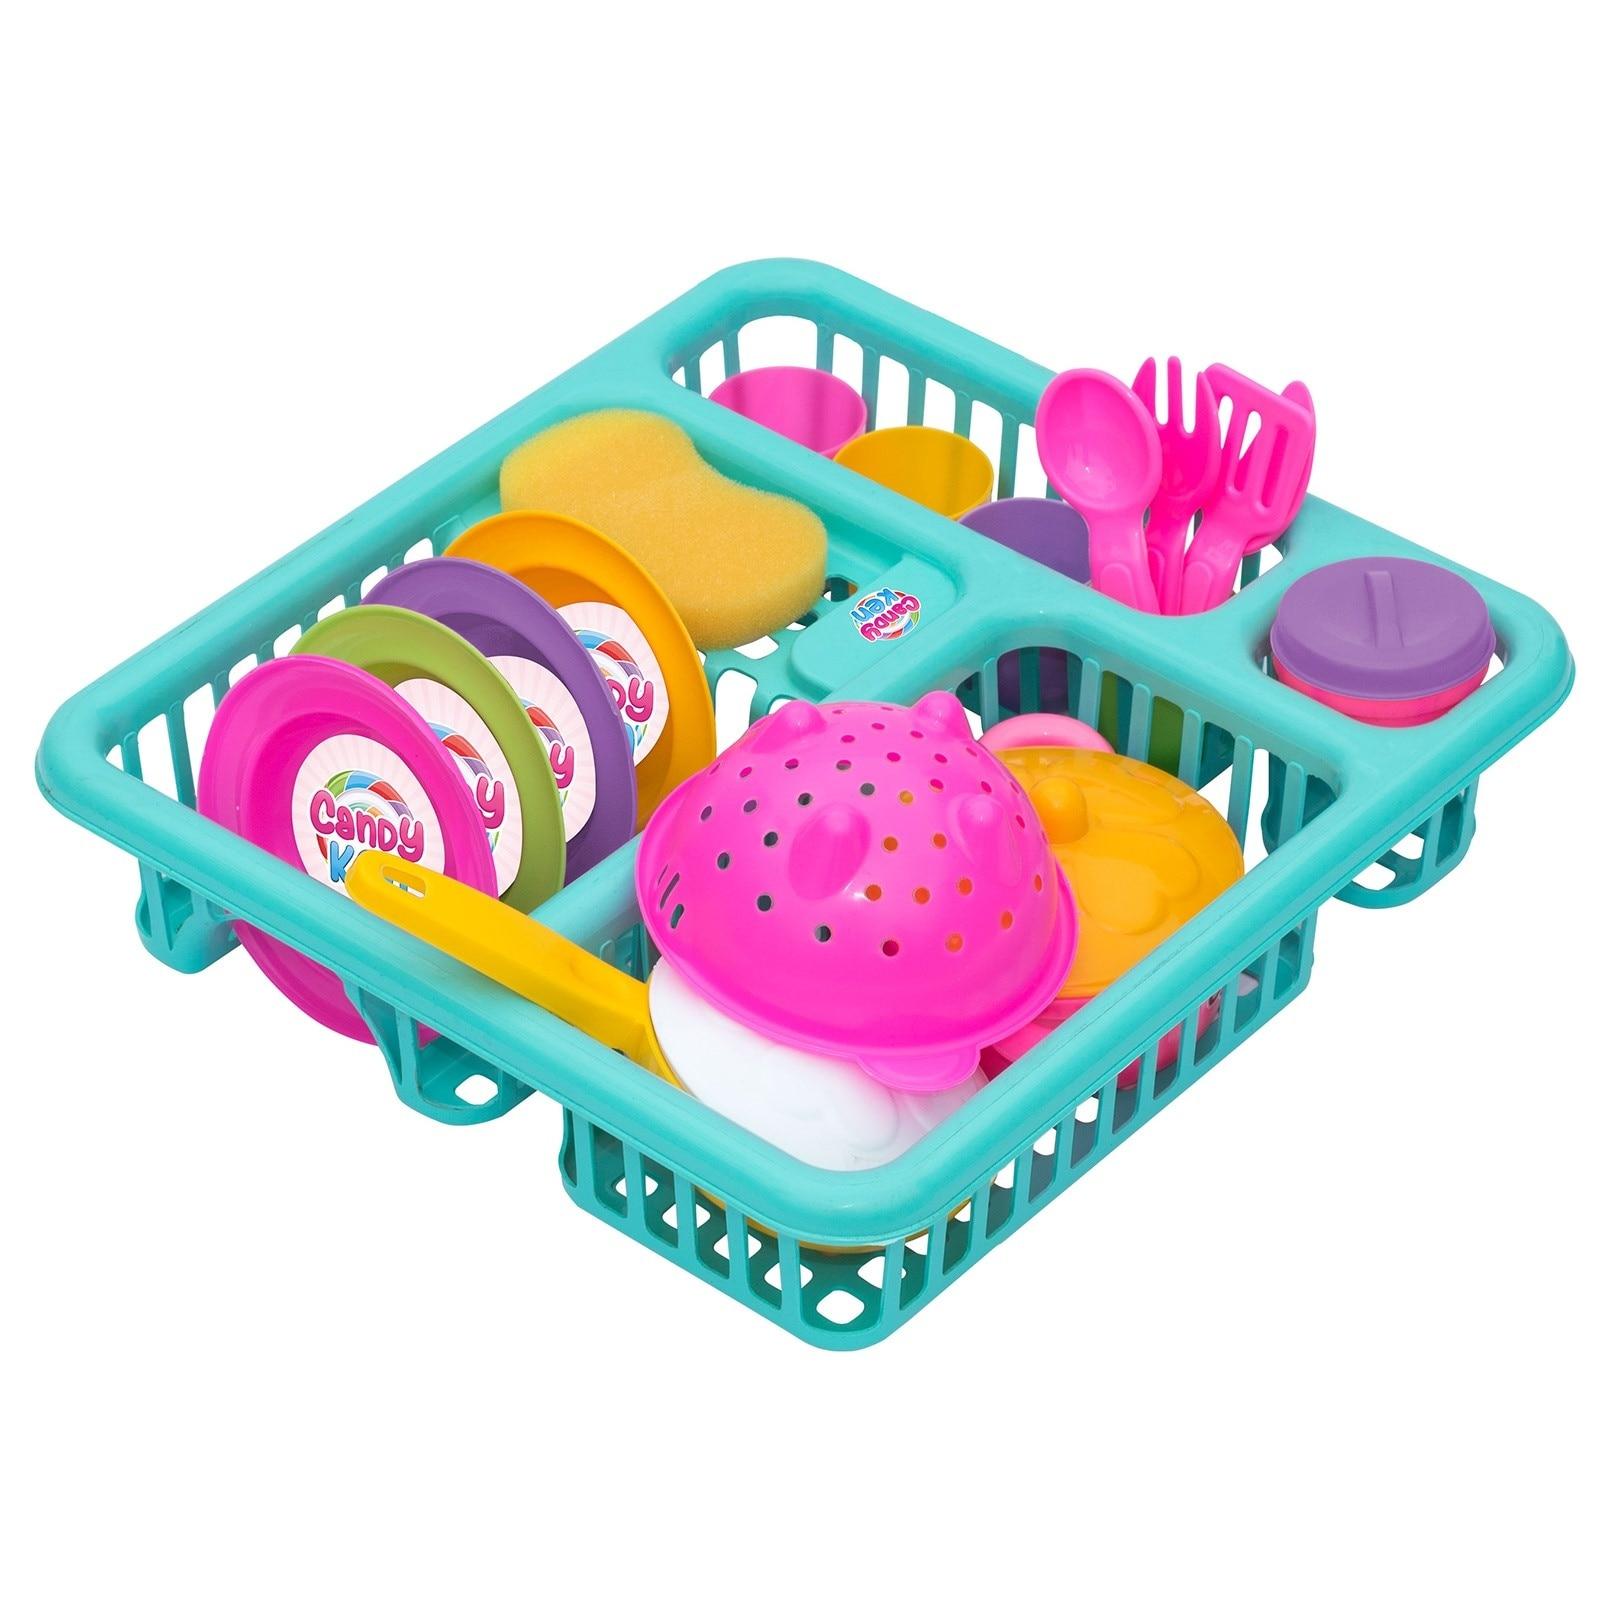 Ebebek Dede Candy Dish Rack Set